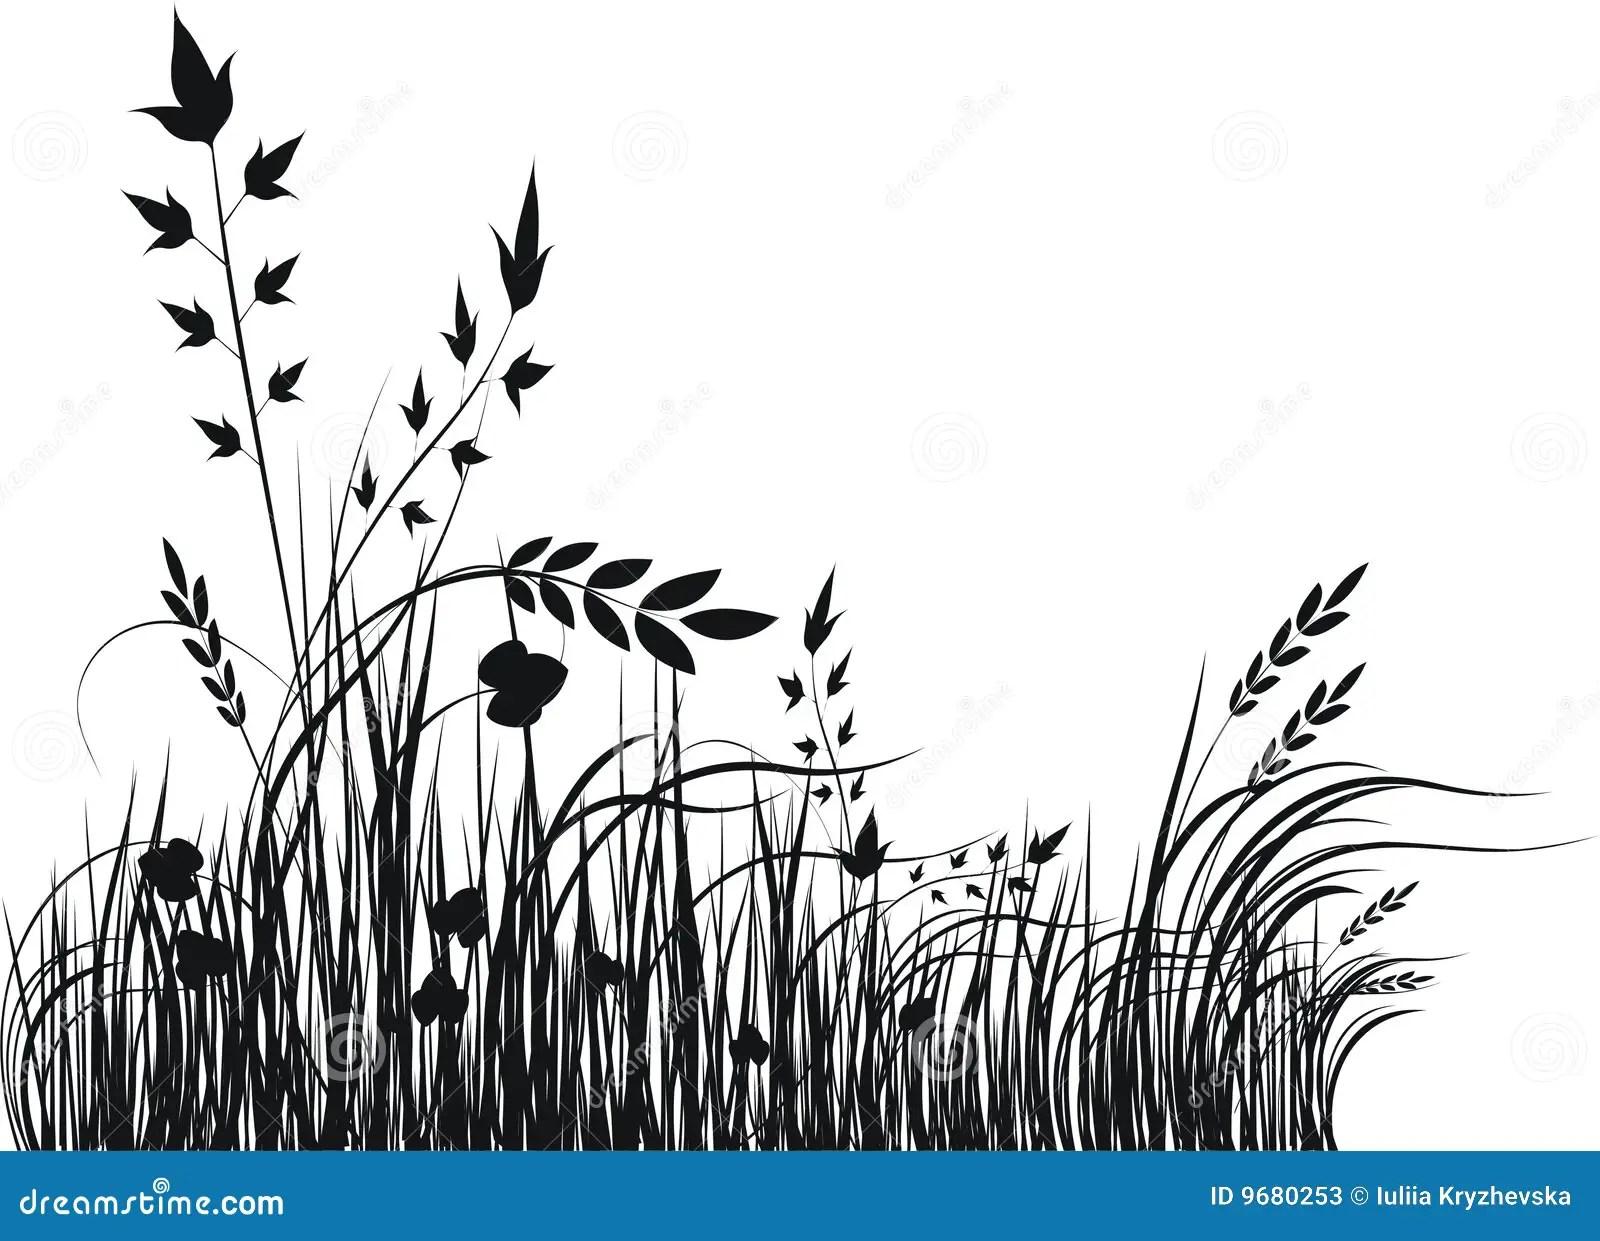 Grass Vector Silhouette Stock Photos